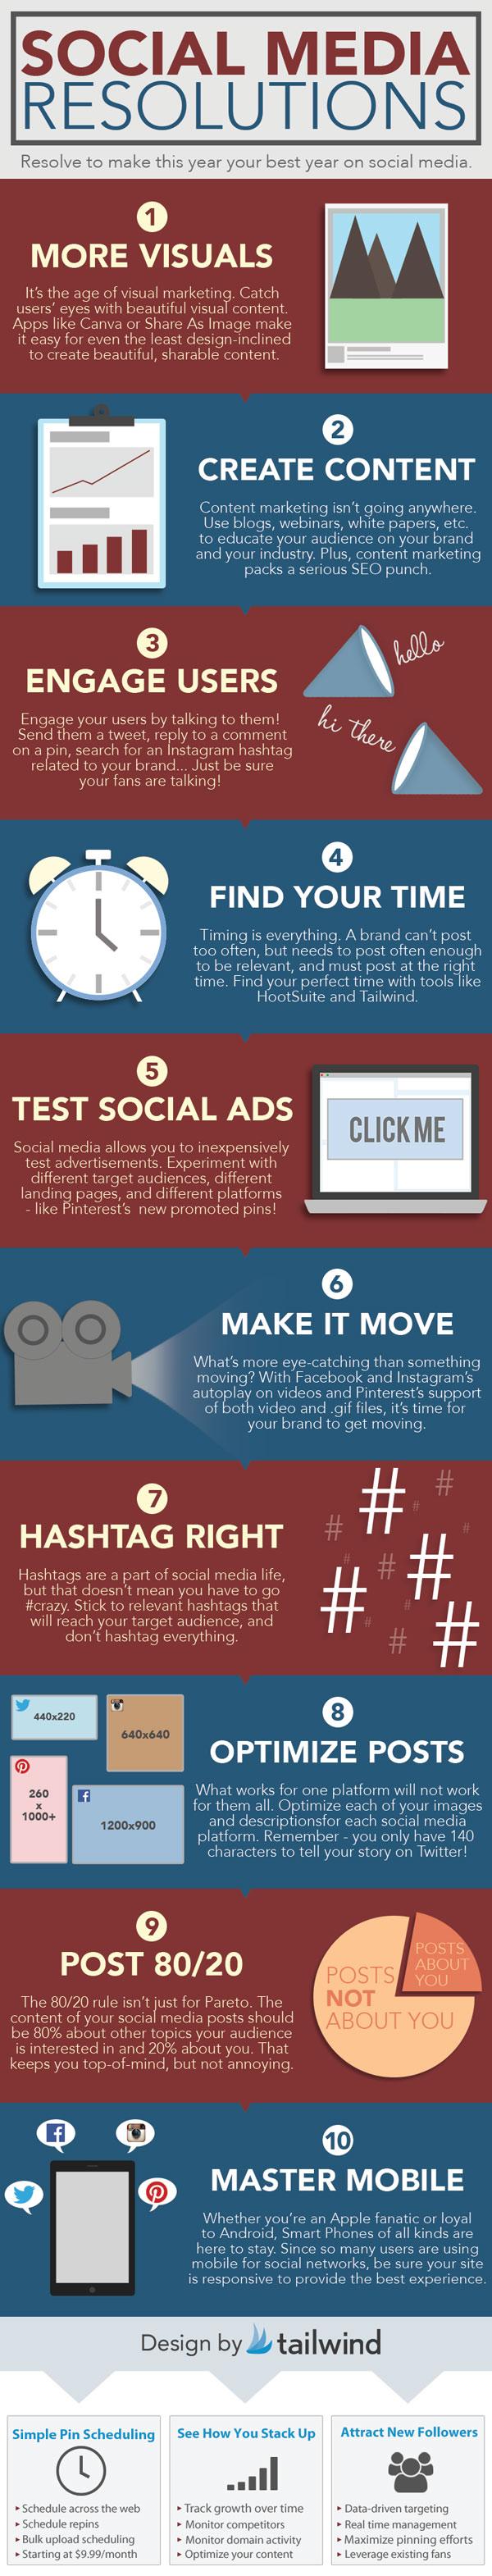 Social-Media-Resolutions